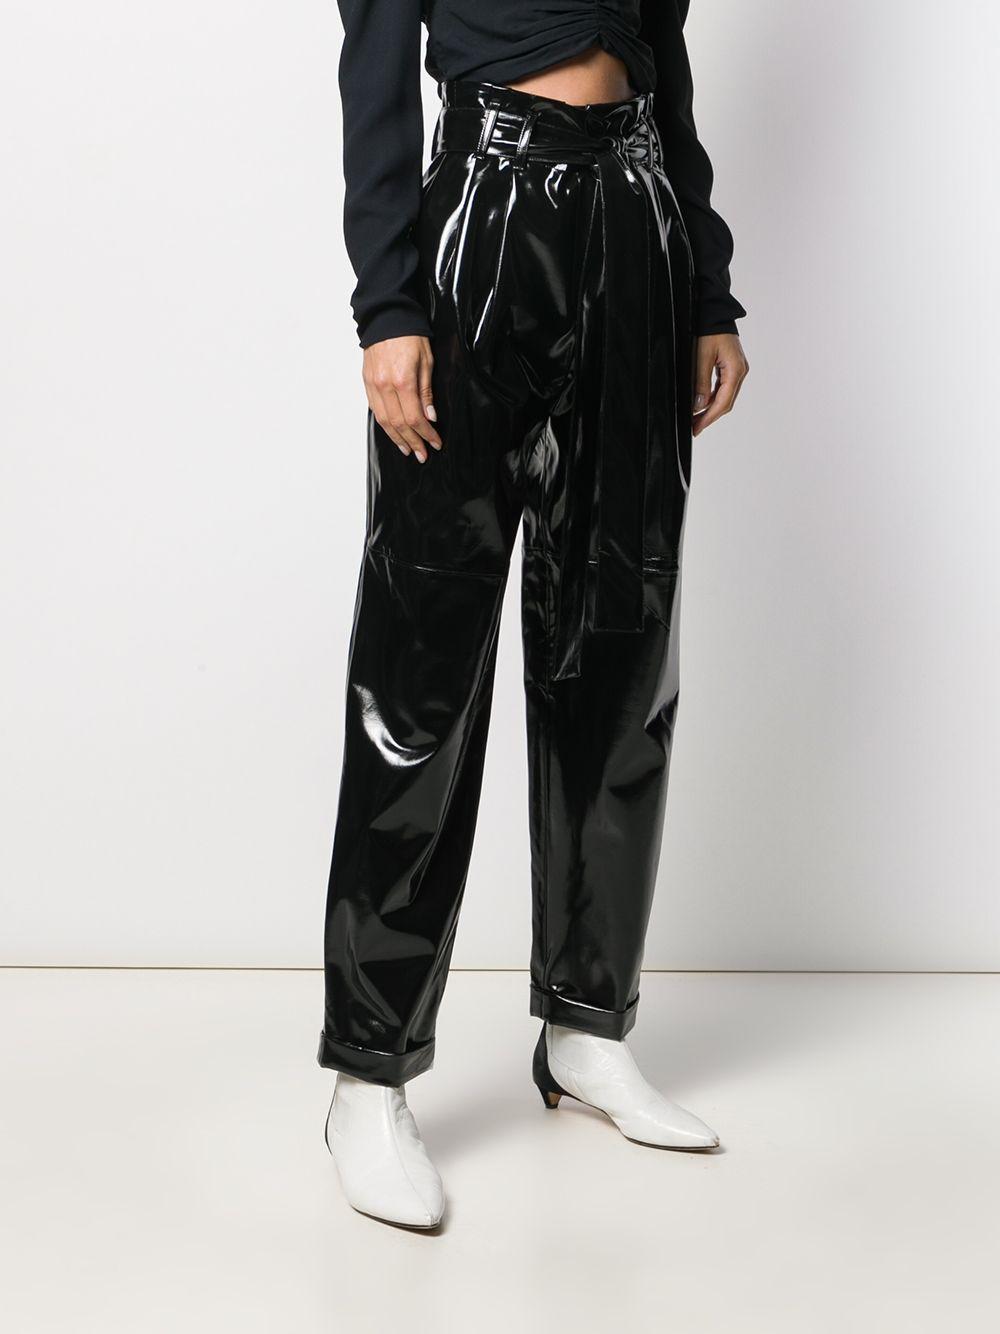 Pantalones de talle alto con cinturón Amen de Algodón de color Negro